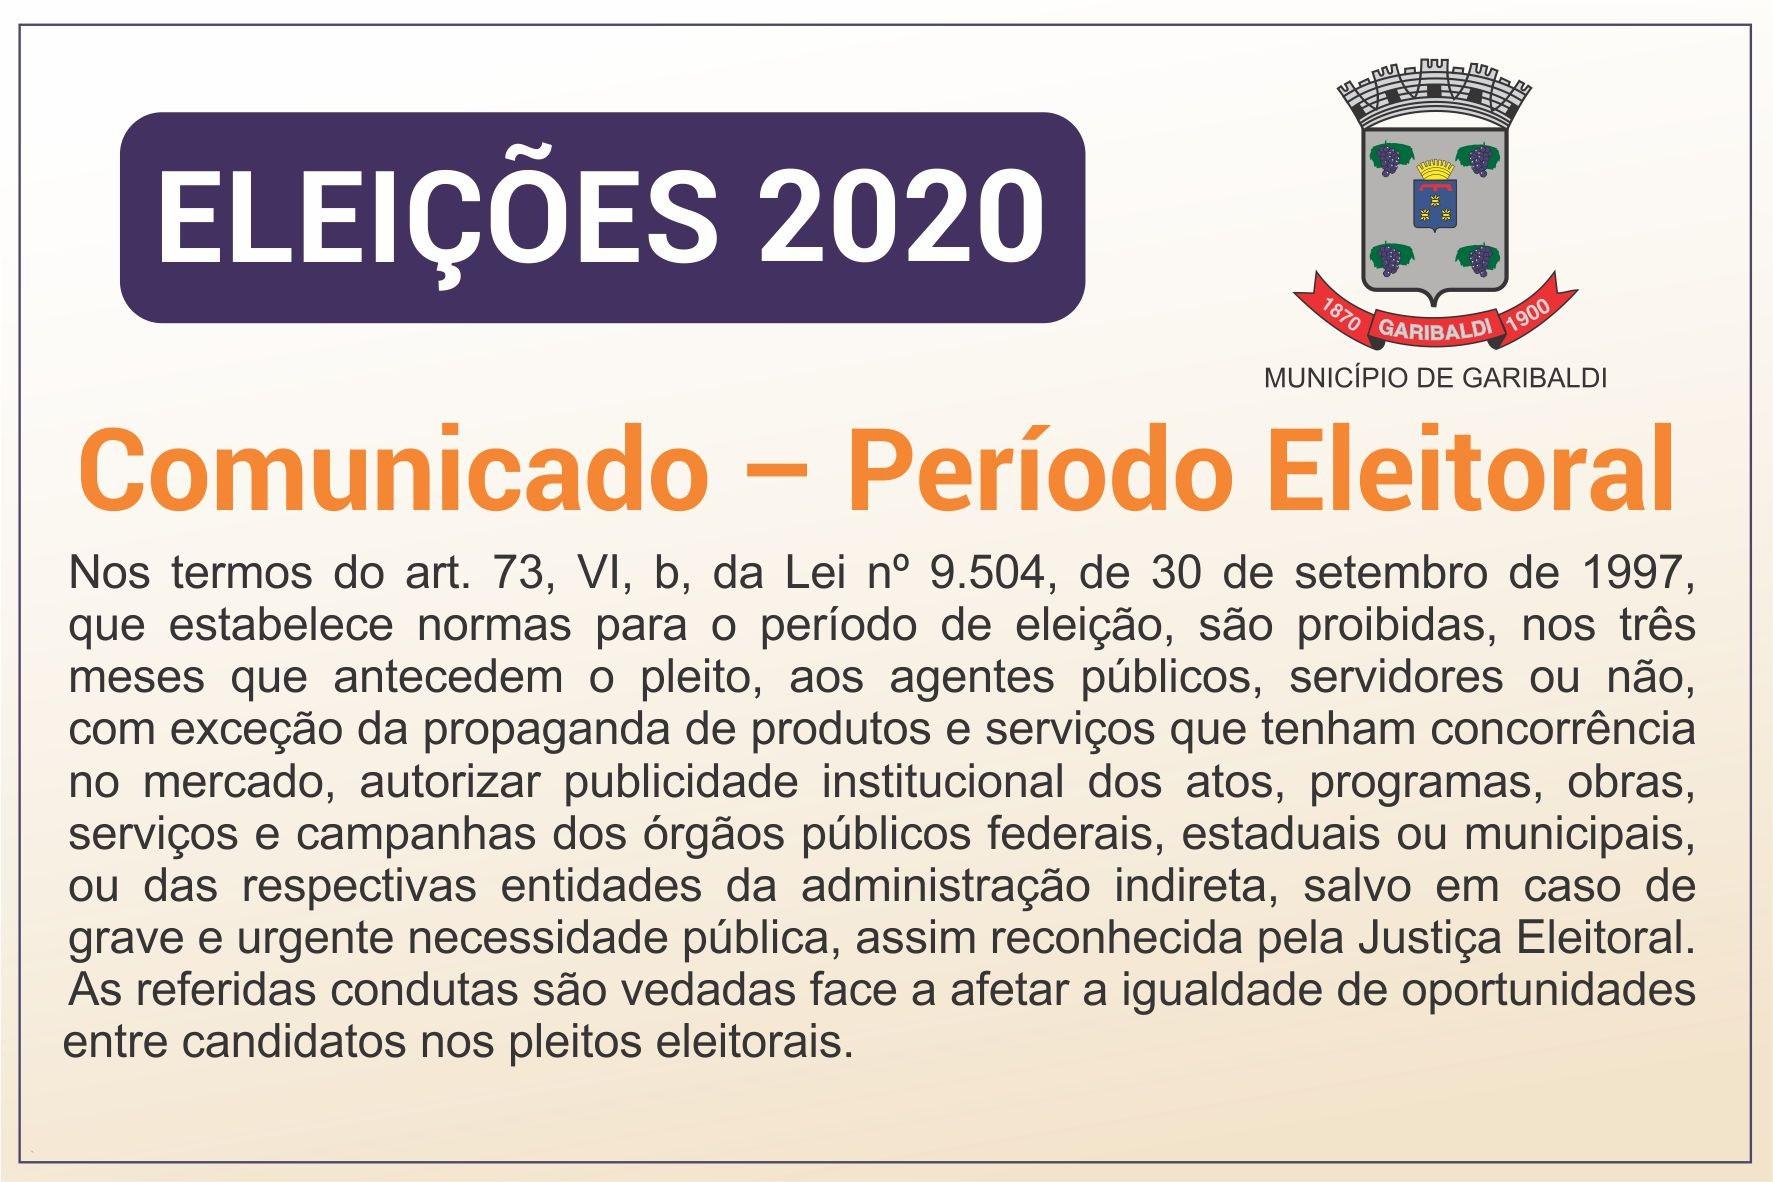 Foto Comunicado Período Eleitoral 2020